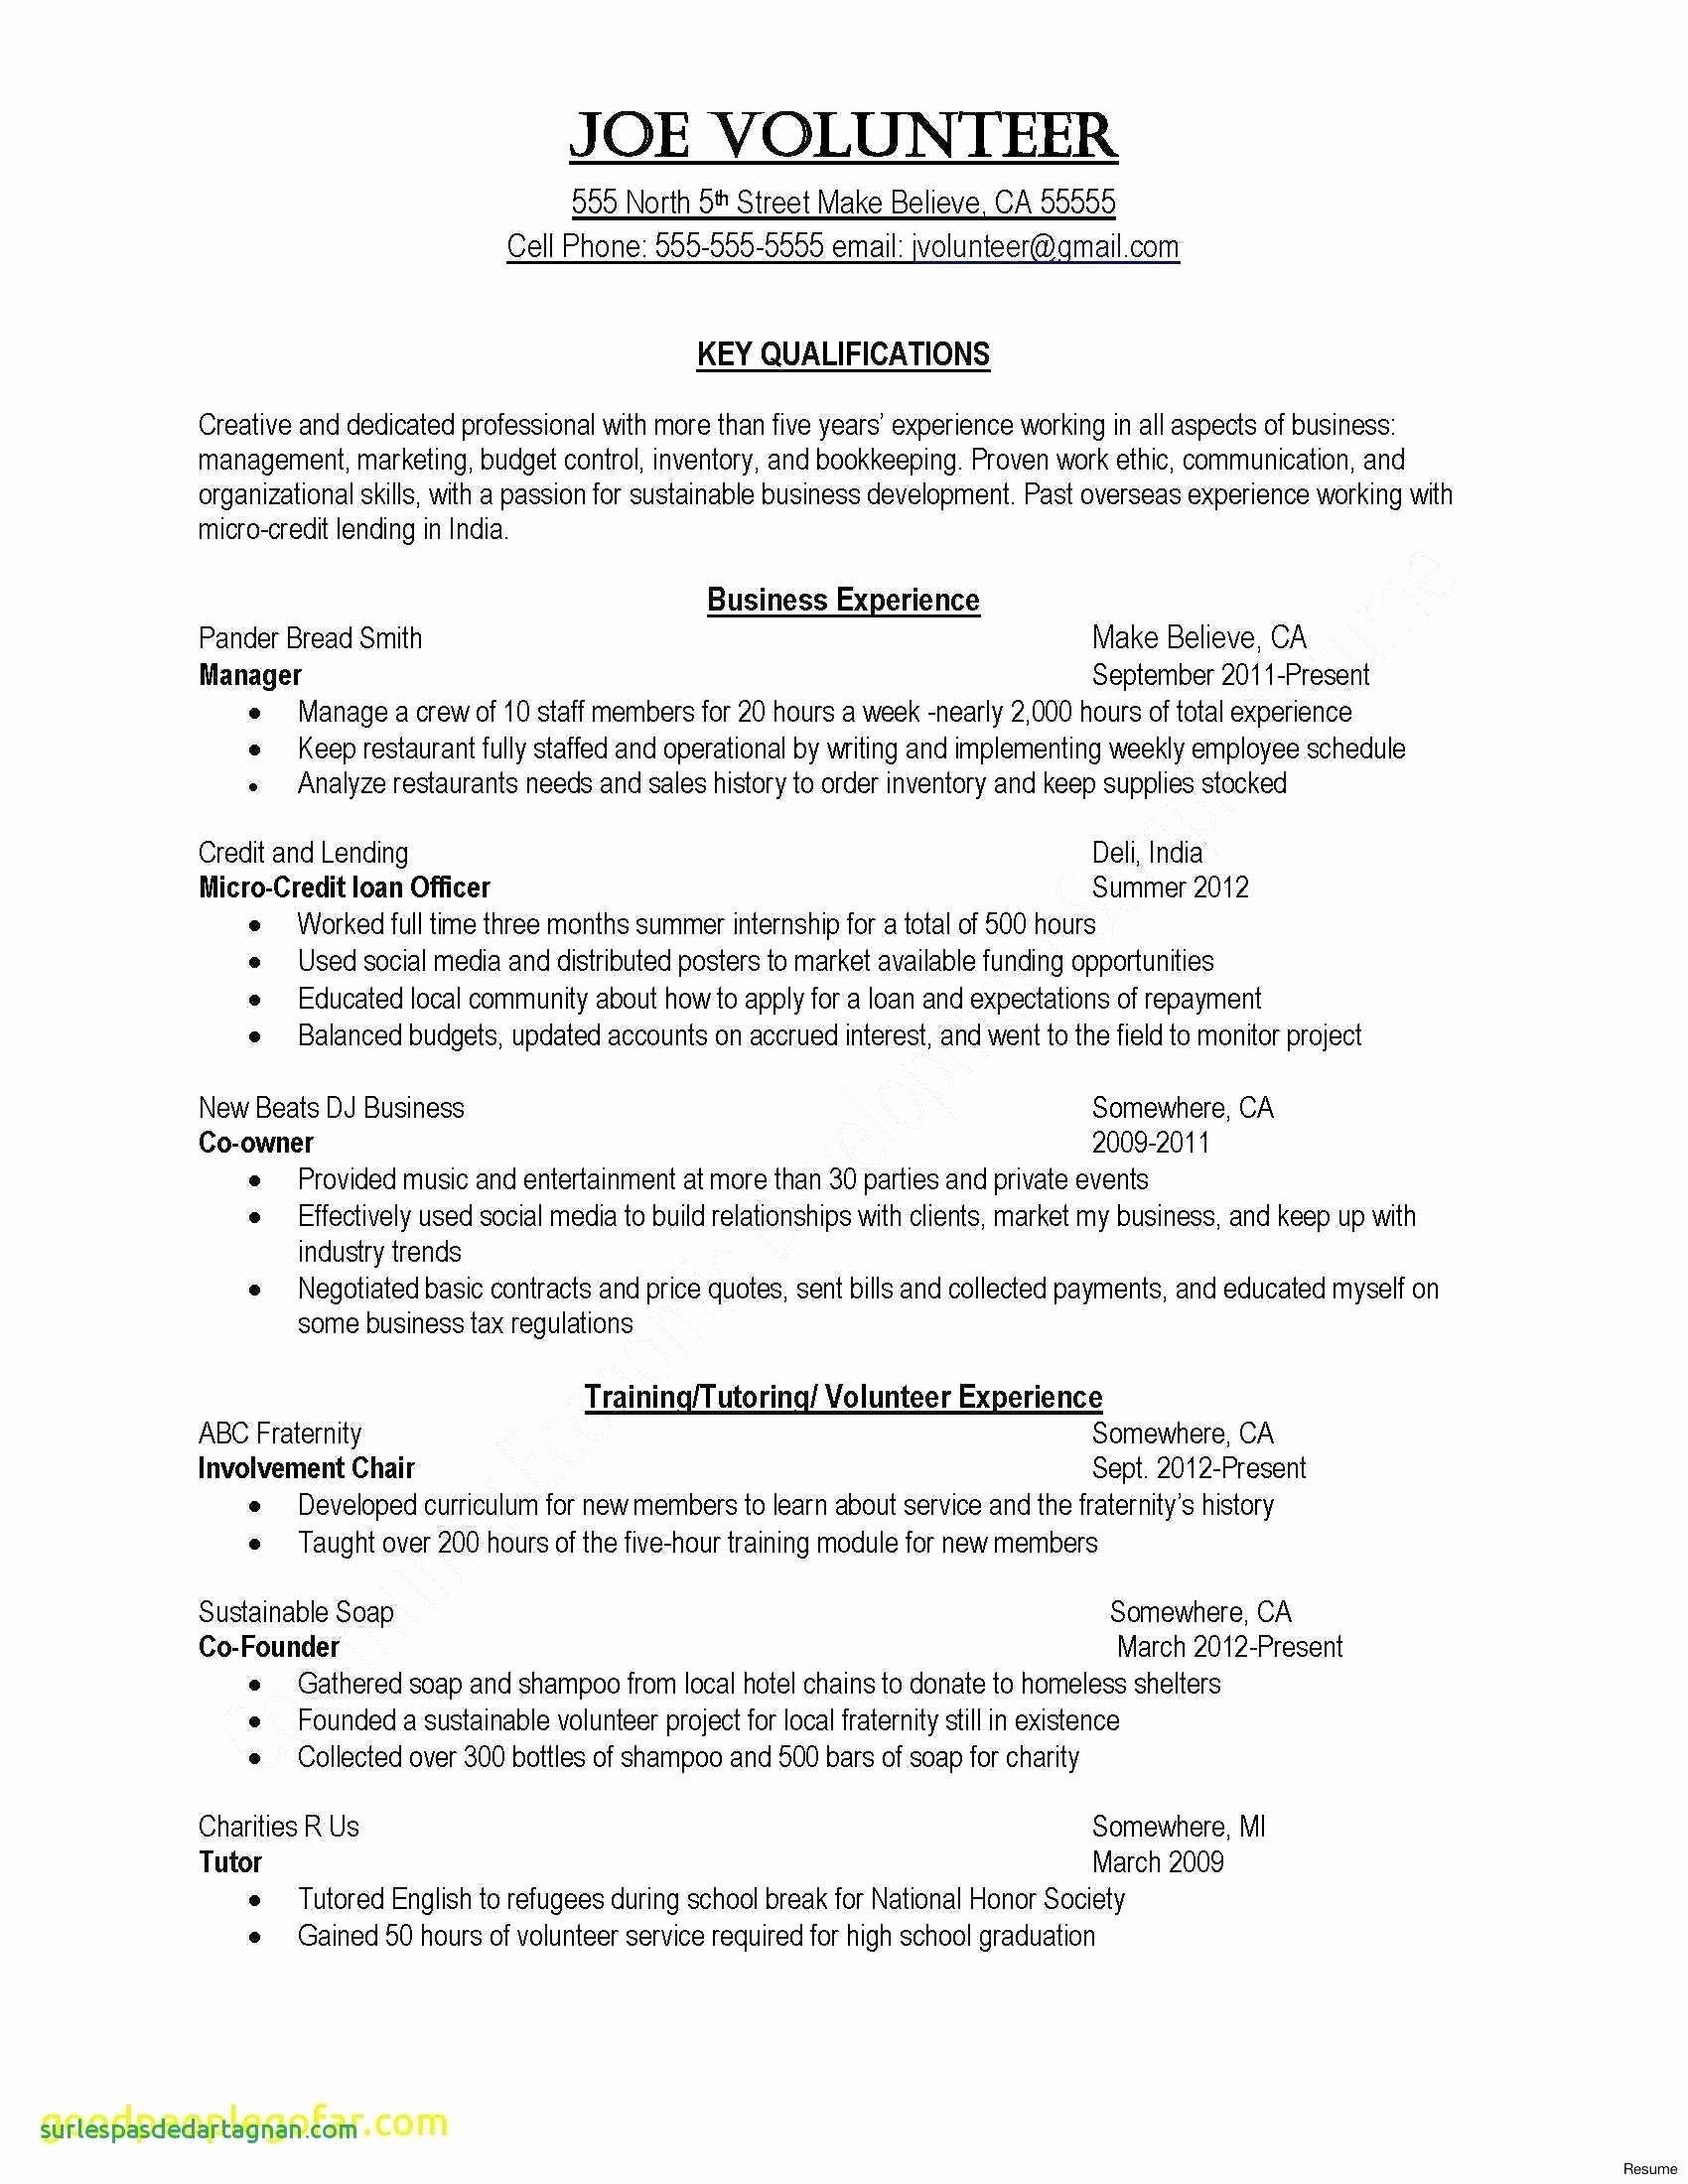 Ethos Pathos Logos Worksheet Answers New Ethos Pathos Logos Worksheet Answers Worksheet List